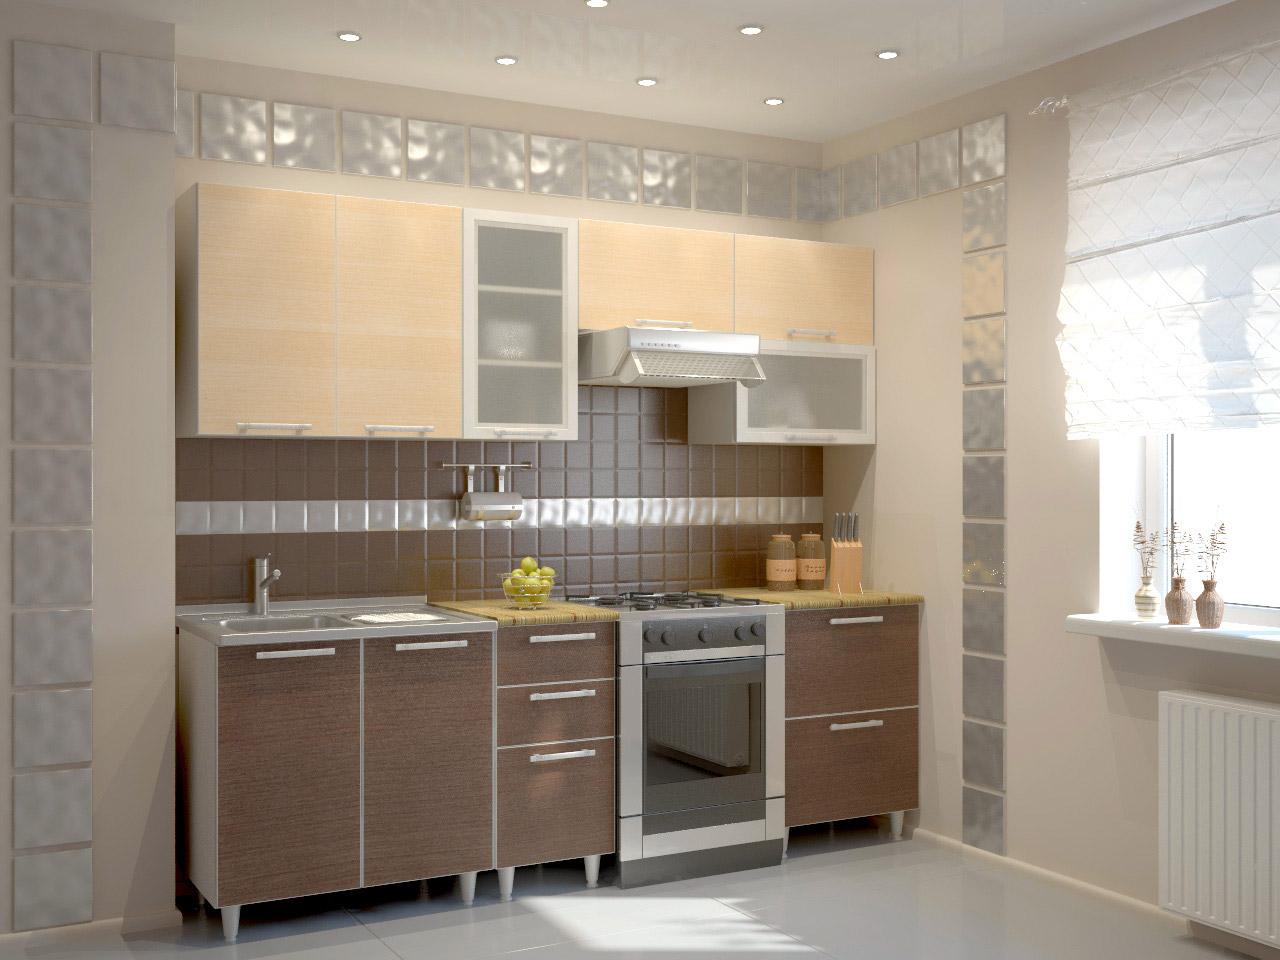 Светло-коричневый и бежевый цвета в кухне под венге